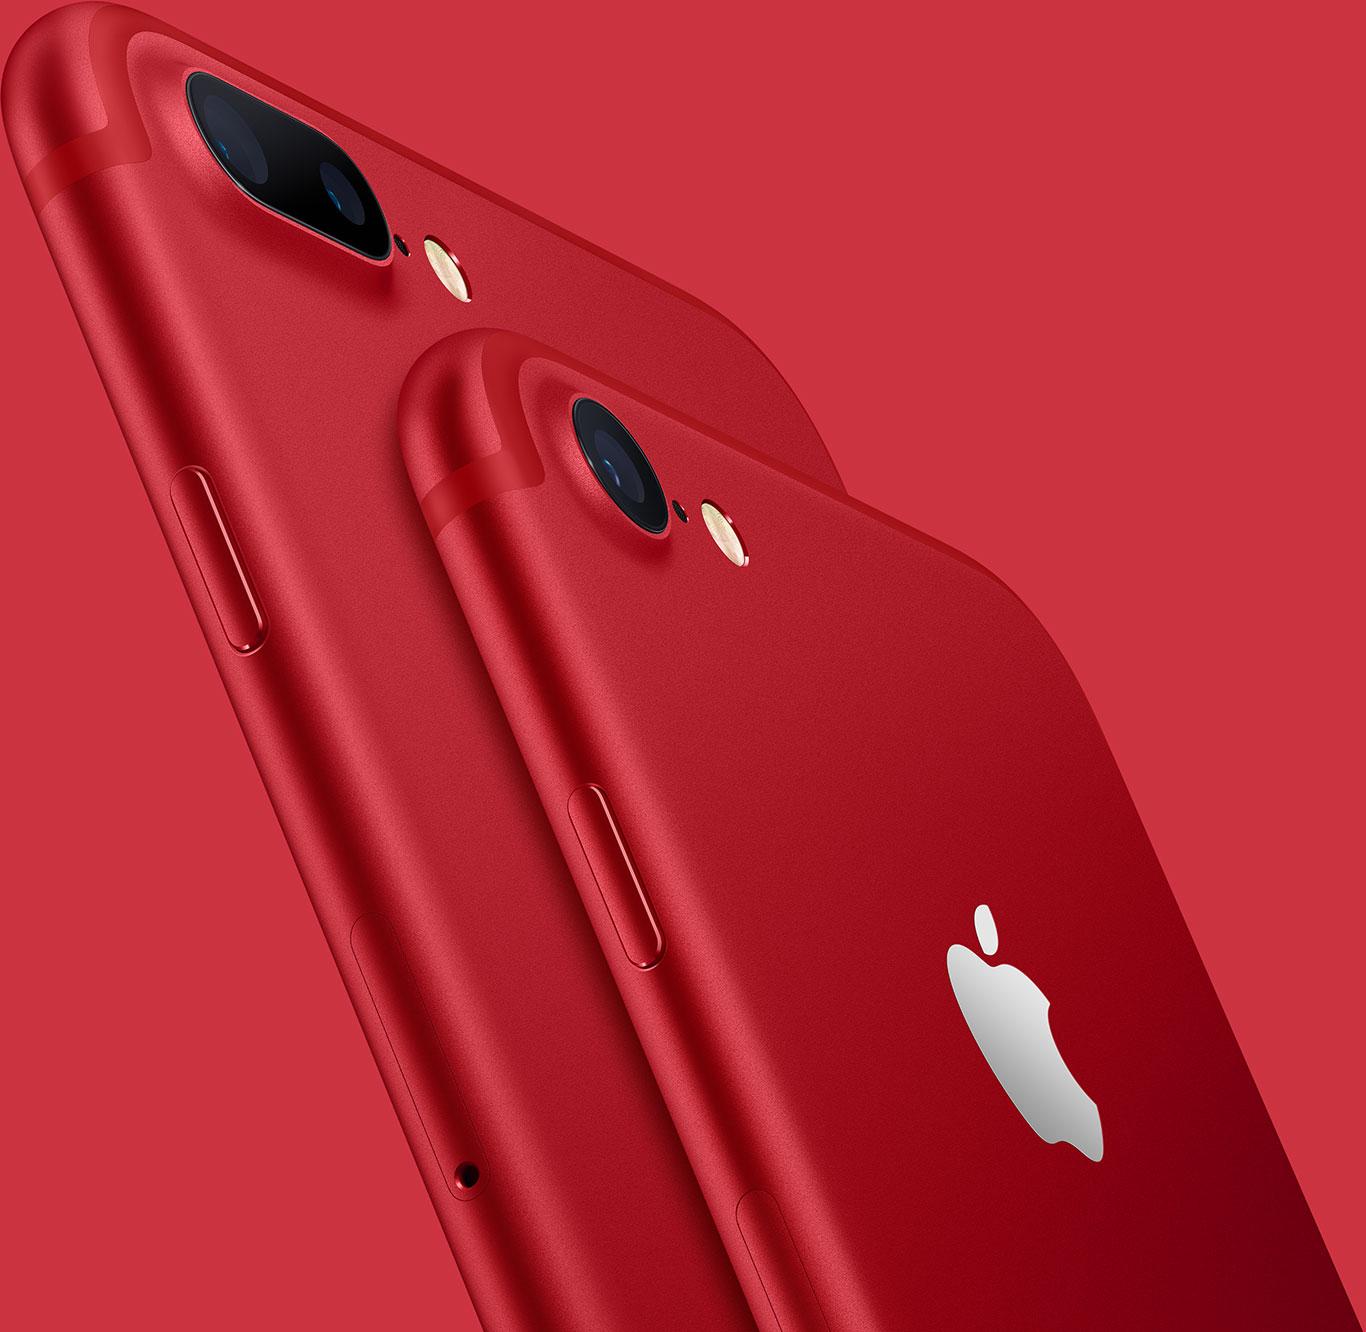 červený iPhone 7